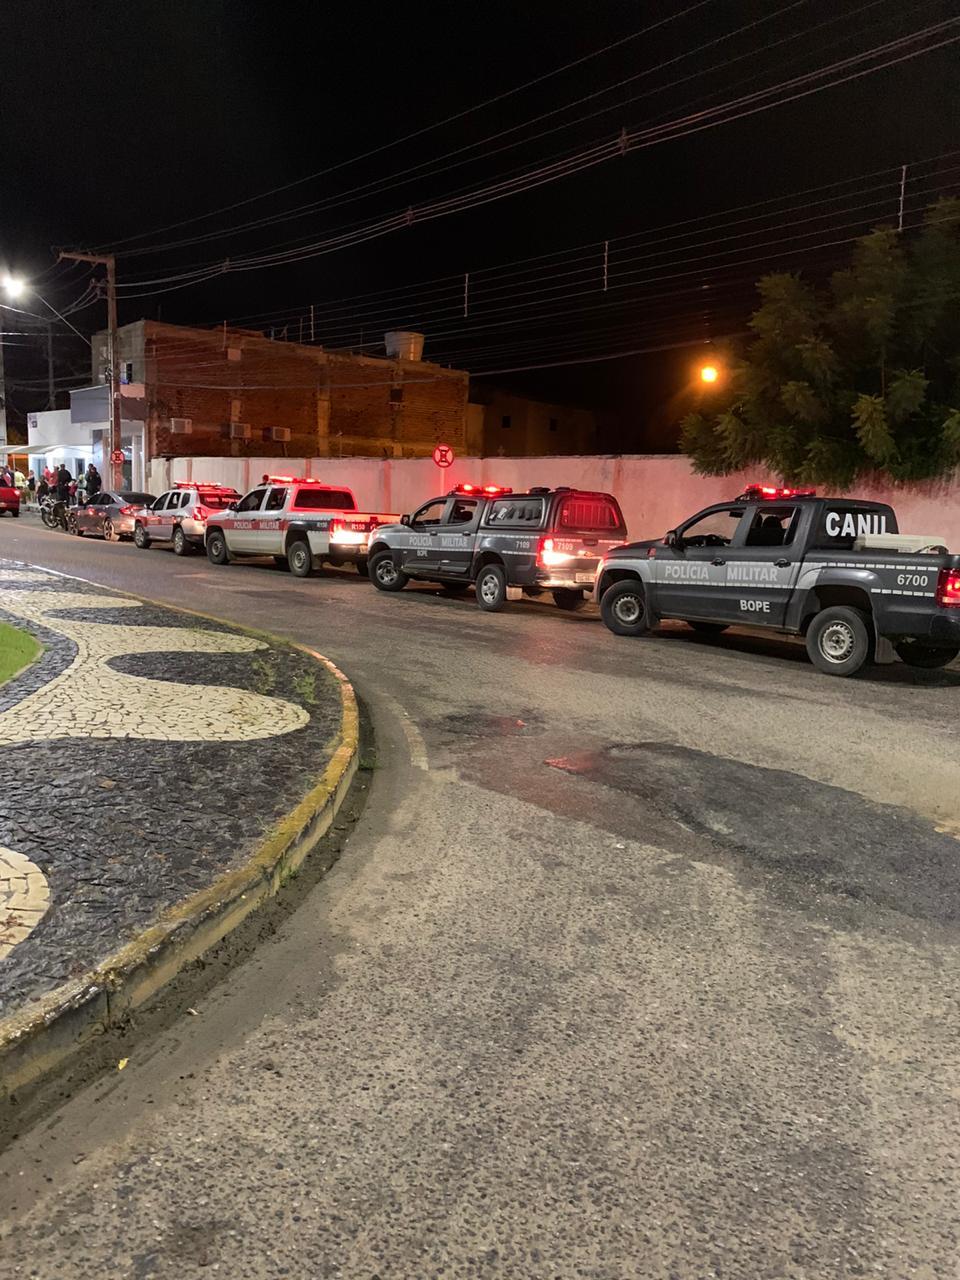 WhatsApp Image 2020 03 20 at 21.33.36 - CORONAVÍRUS: consumidores lotam supermercado atacadista da capital e polícia começa trabalho ostensivo nas ruas - VEJA VÍDEO